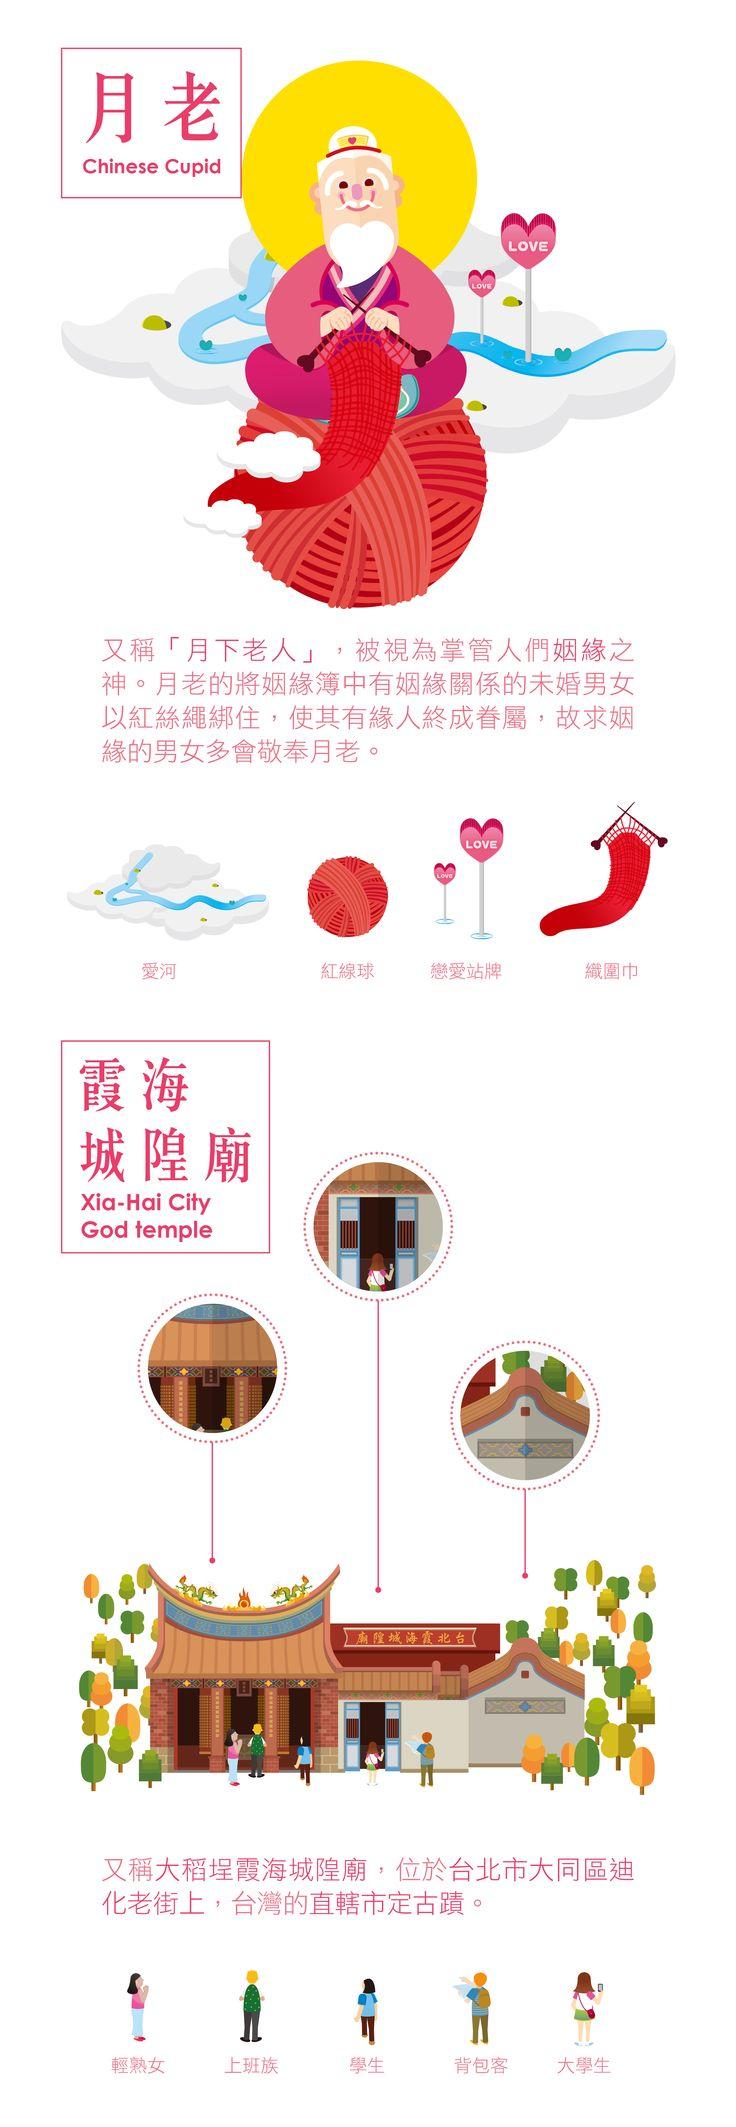 月老 Chinese Cupid / 霞海城隍廟 Xia-Hai City God temple